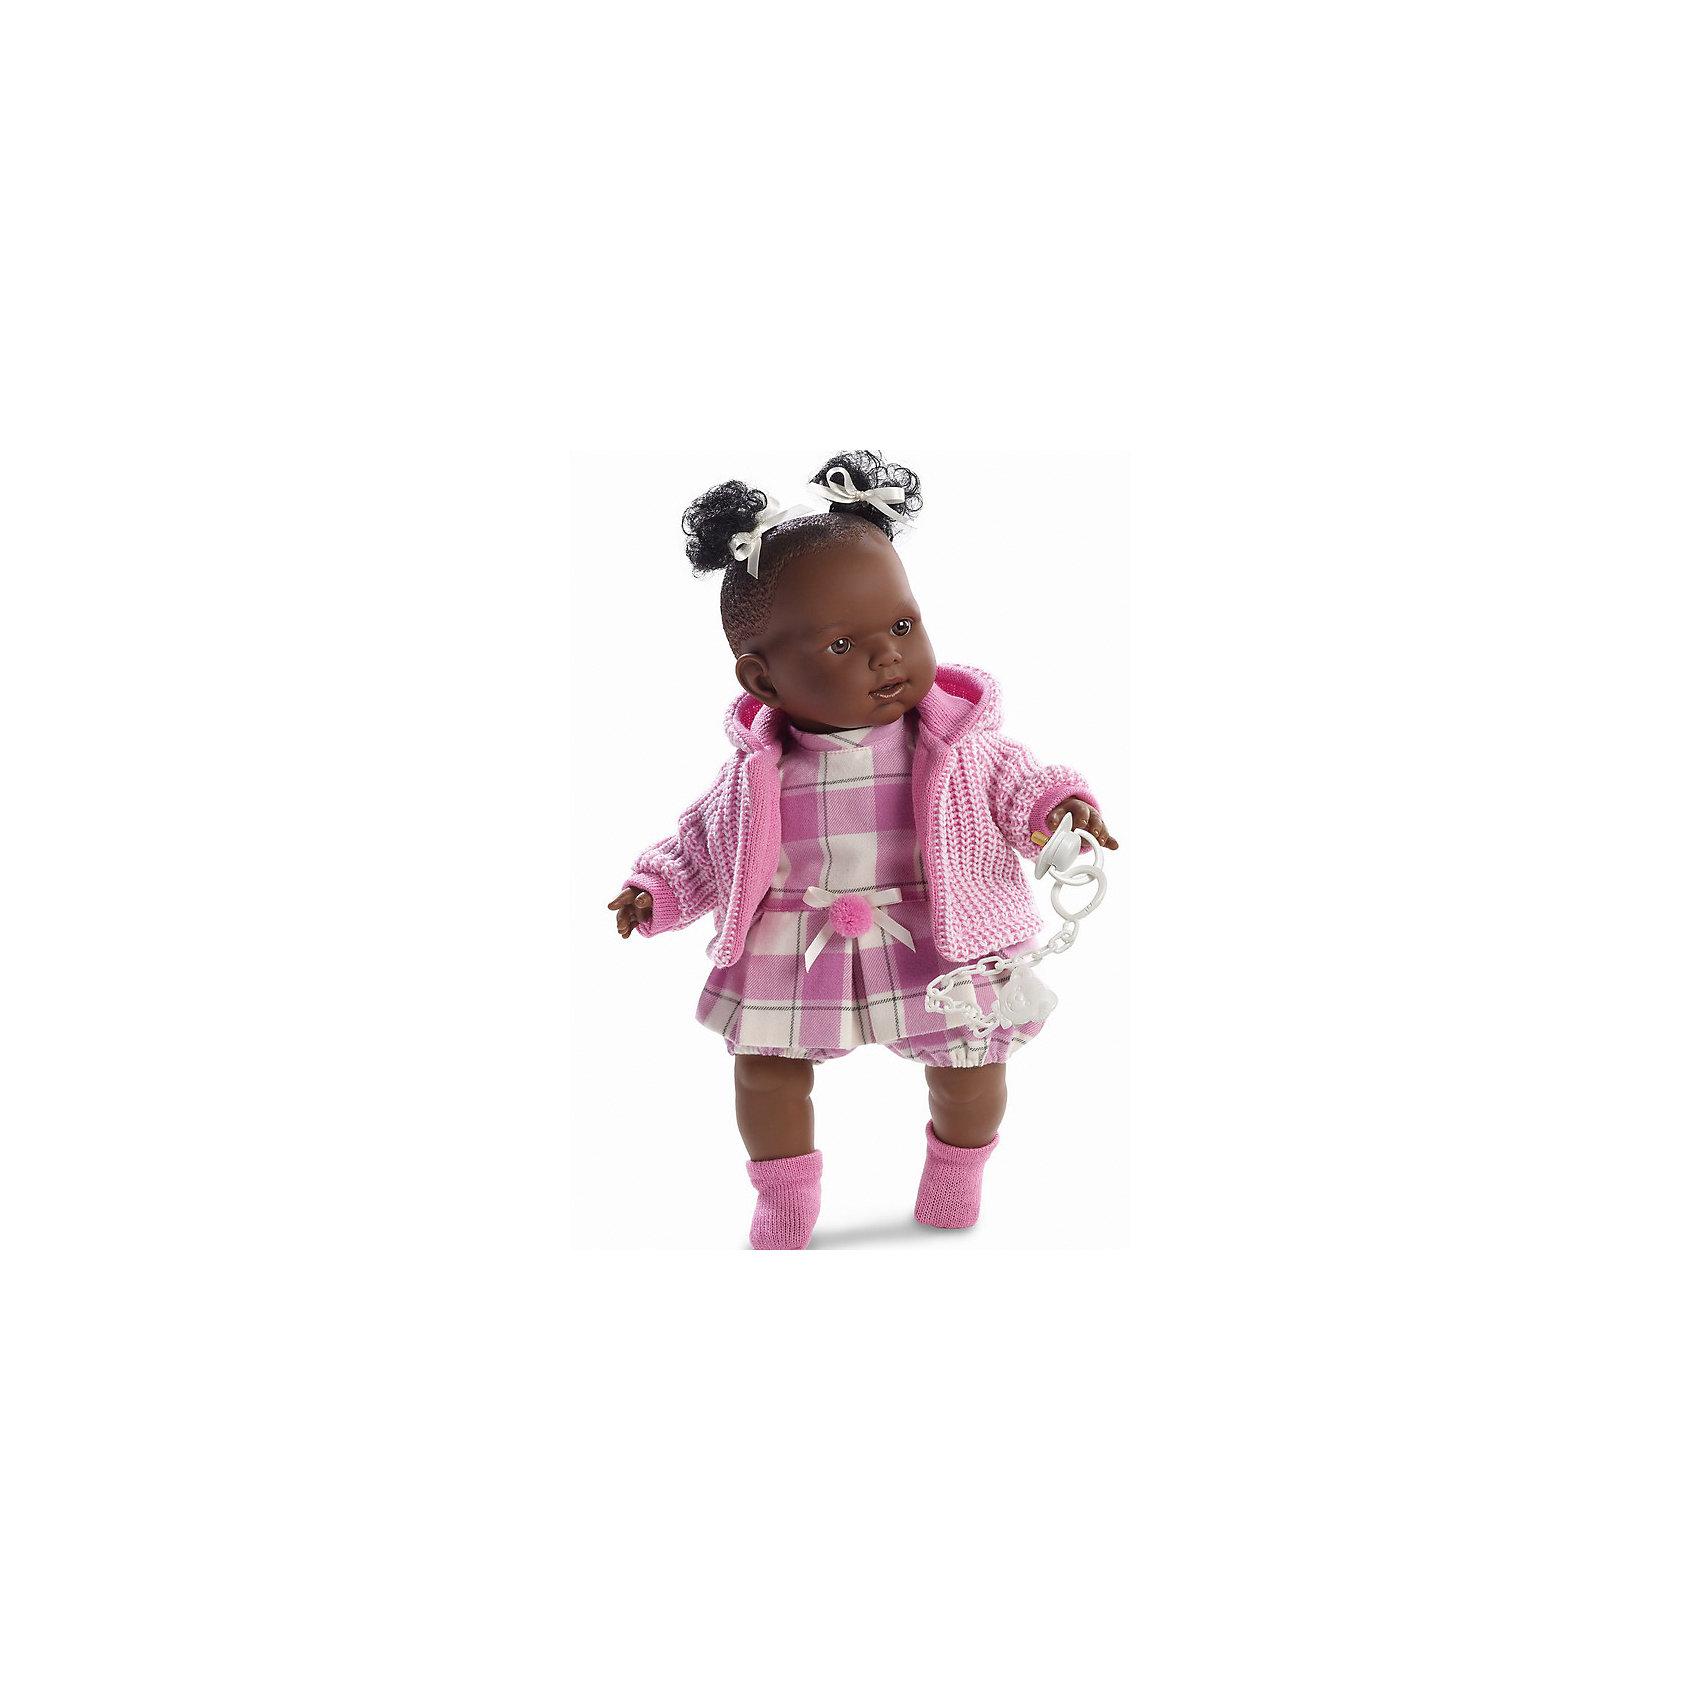 Llorens Кукла Николь, 42 см, Llorens куклы и одежда для кукол llorens кукла изабела 33 см со звуком